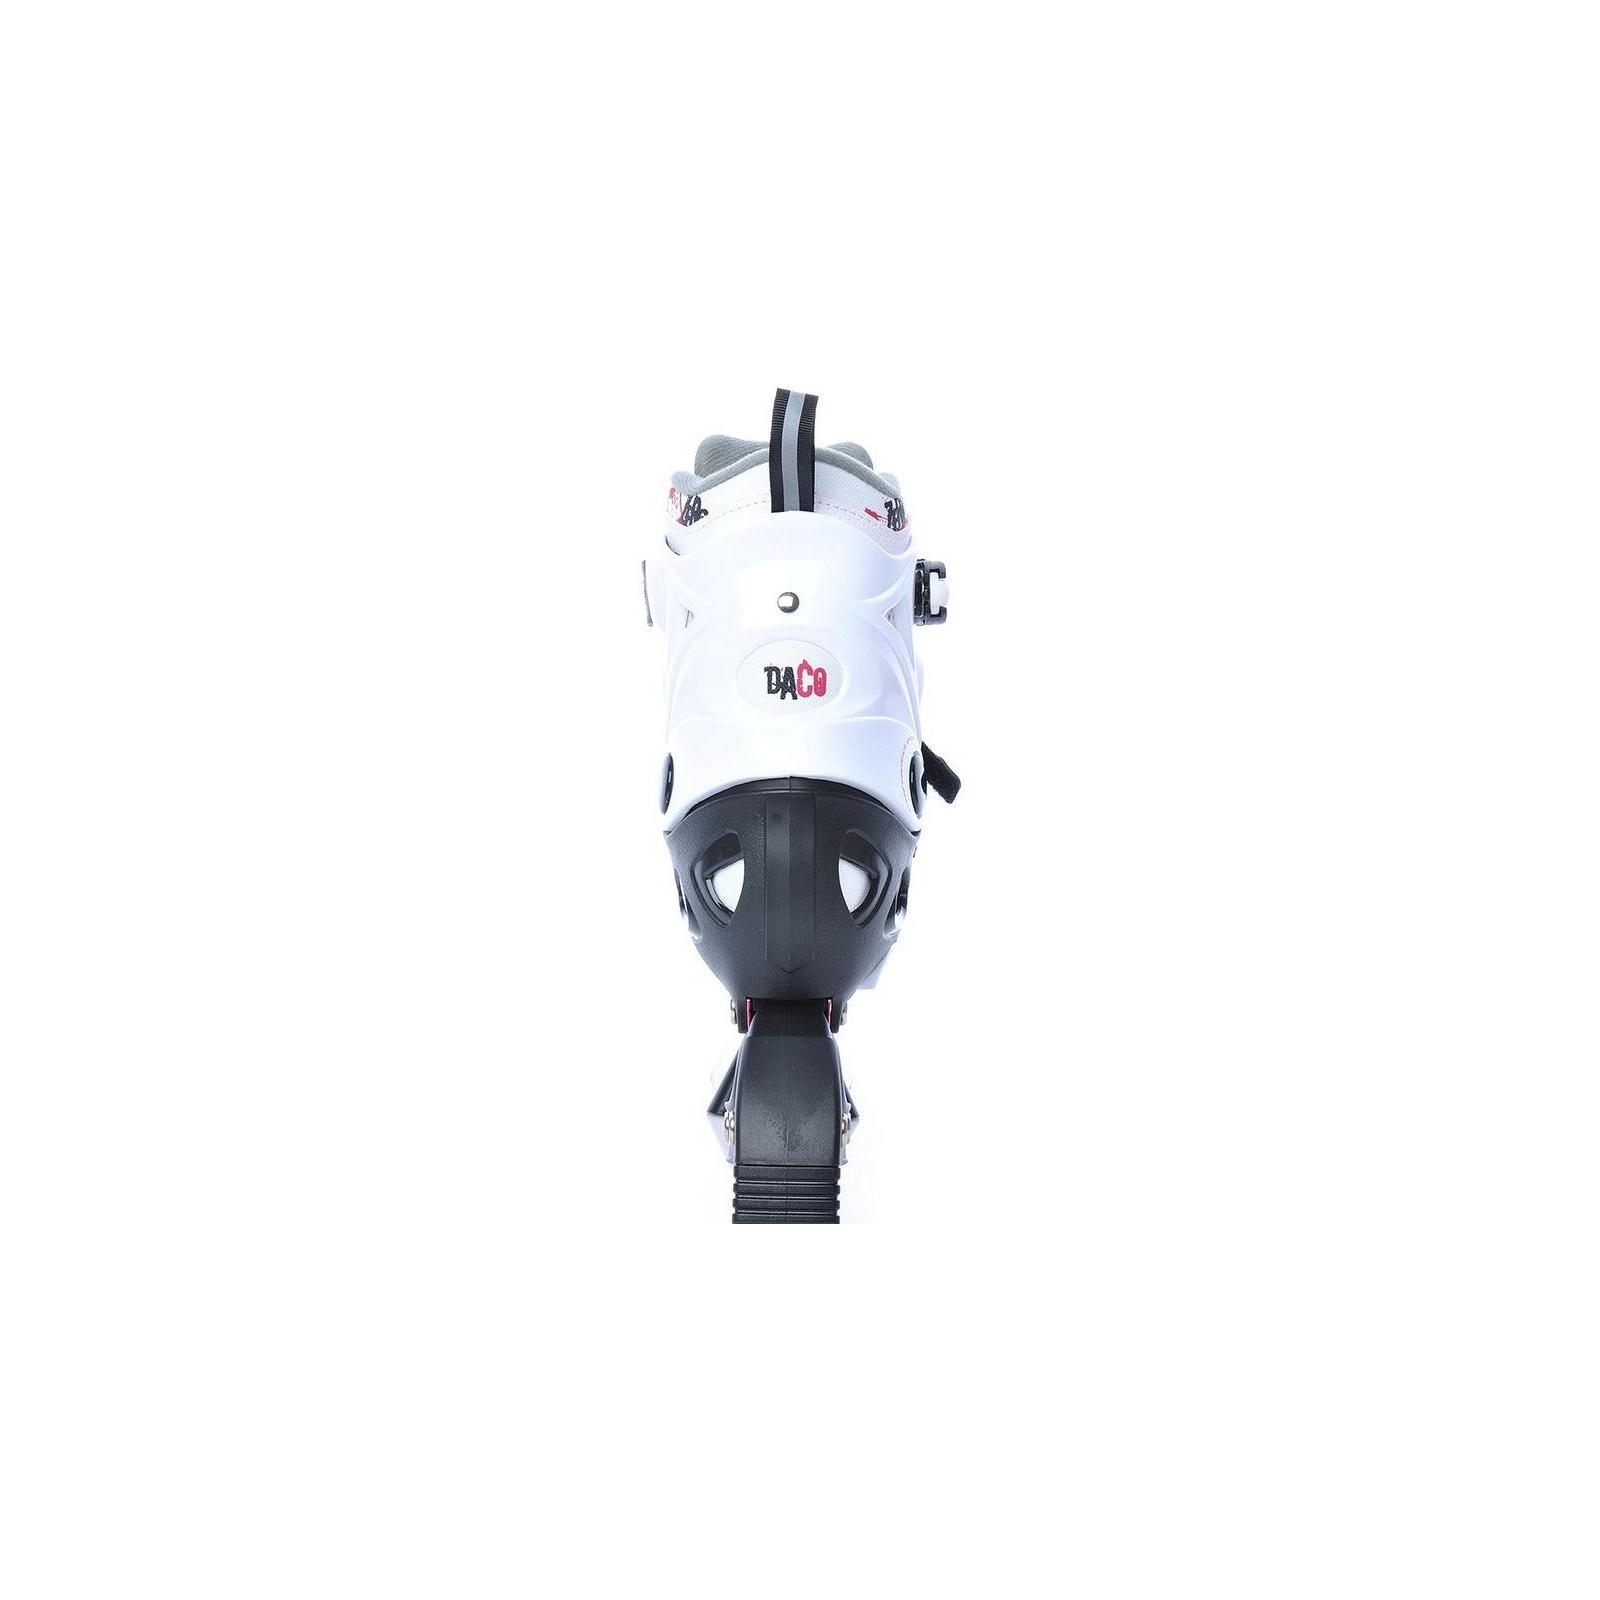 Роликовые коньки Tempish DACO white/37-40 1000027/WHITE/37-40 (1000027/WHITE/37-40) изображение 4